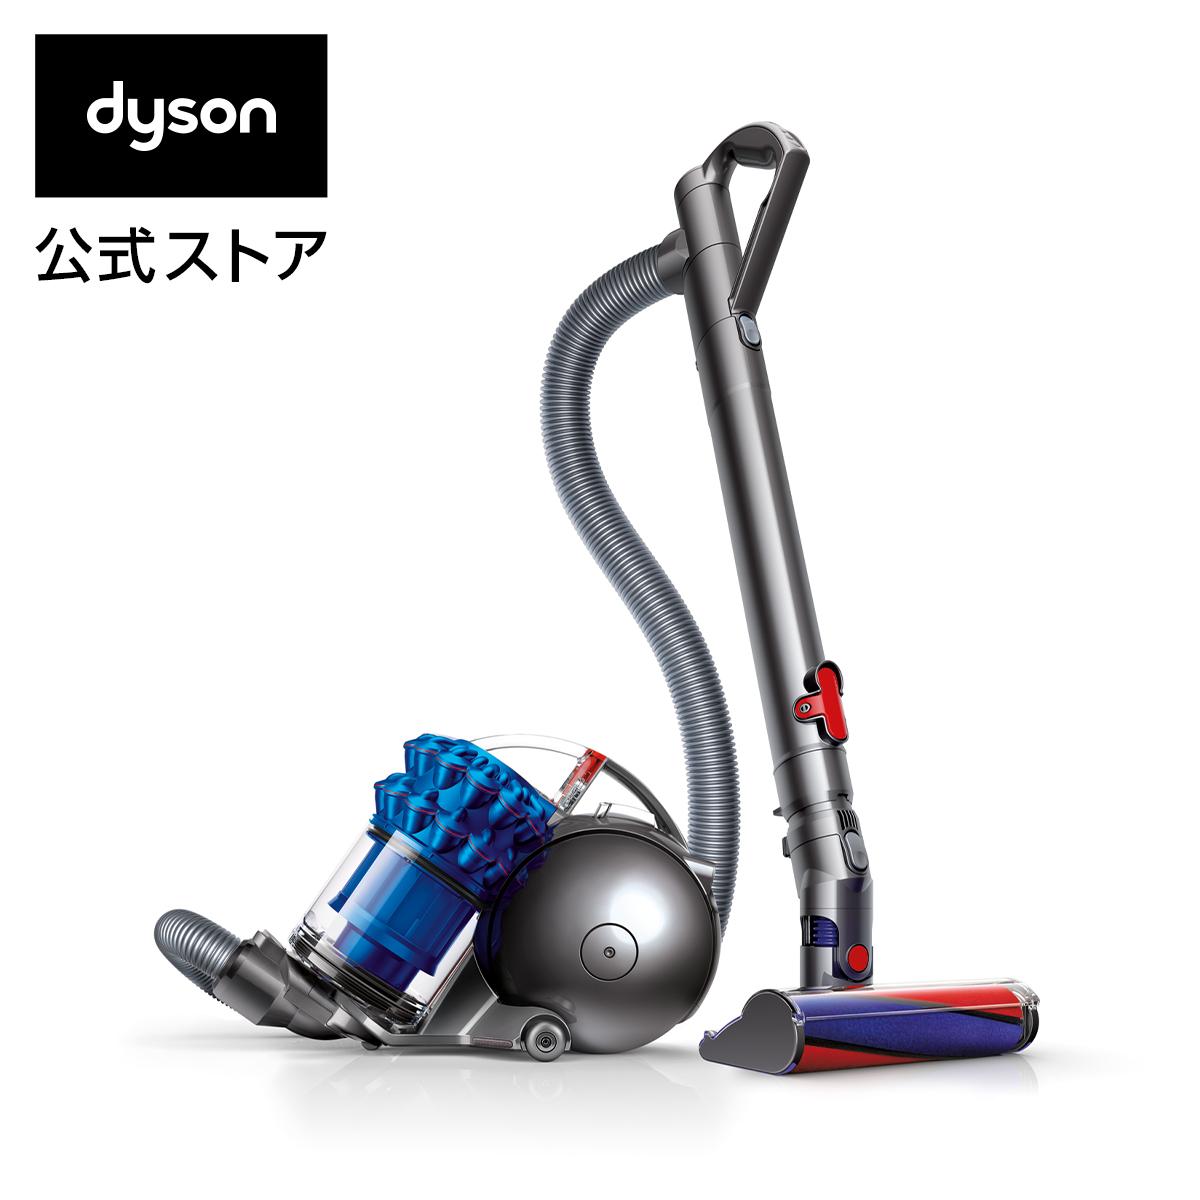 ダイソン Dyson Ball Fluffy サイクロン式 キャニスター型掃除機 CY24FF ブルー/レッド 2017年モデル 【新品/メーカー2年保証】